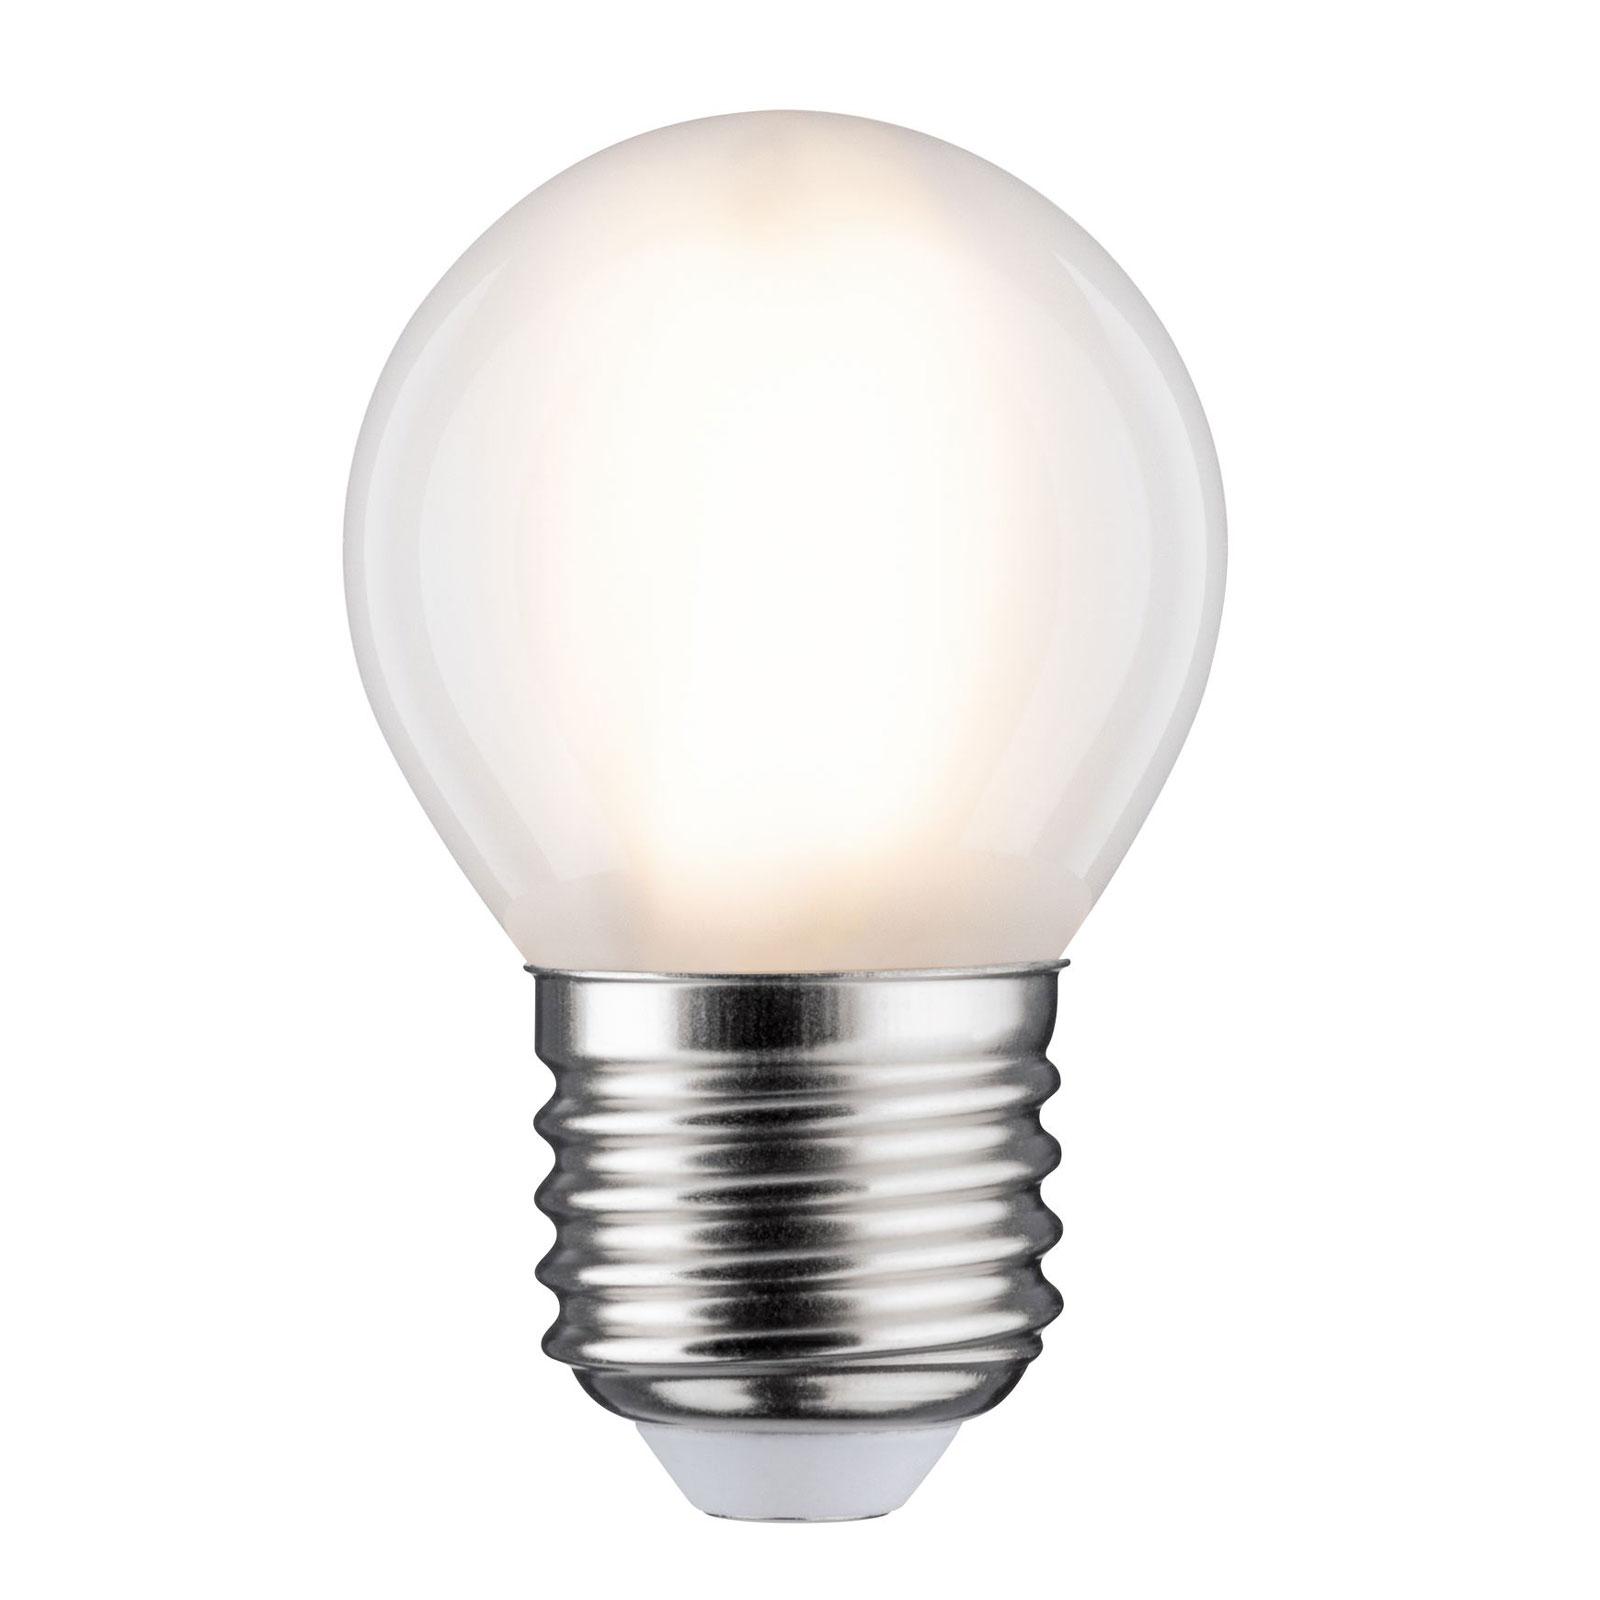 LED žárovka E27 5W kapka 2700K matná